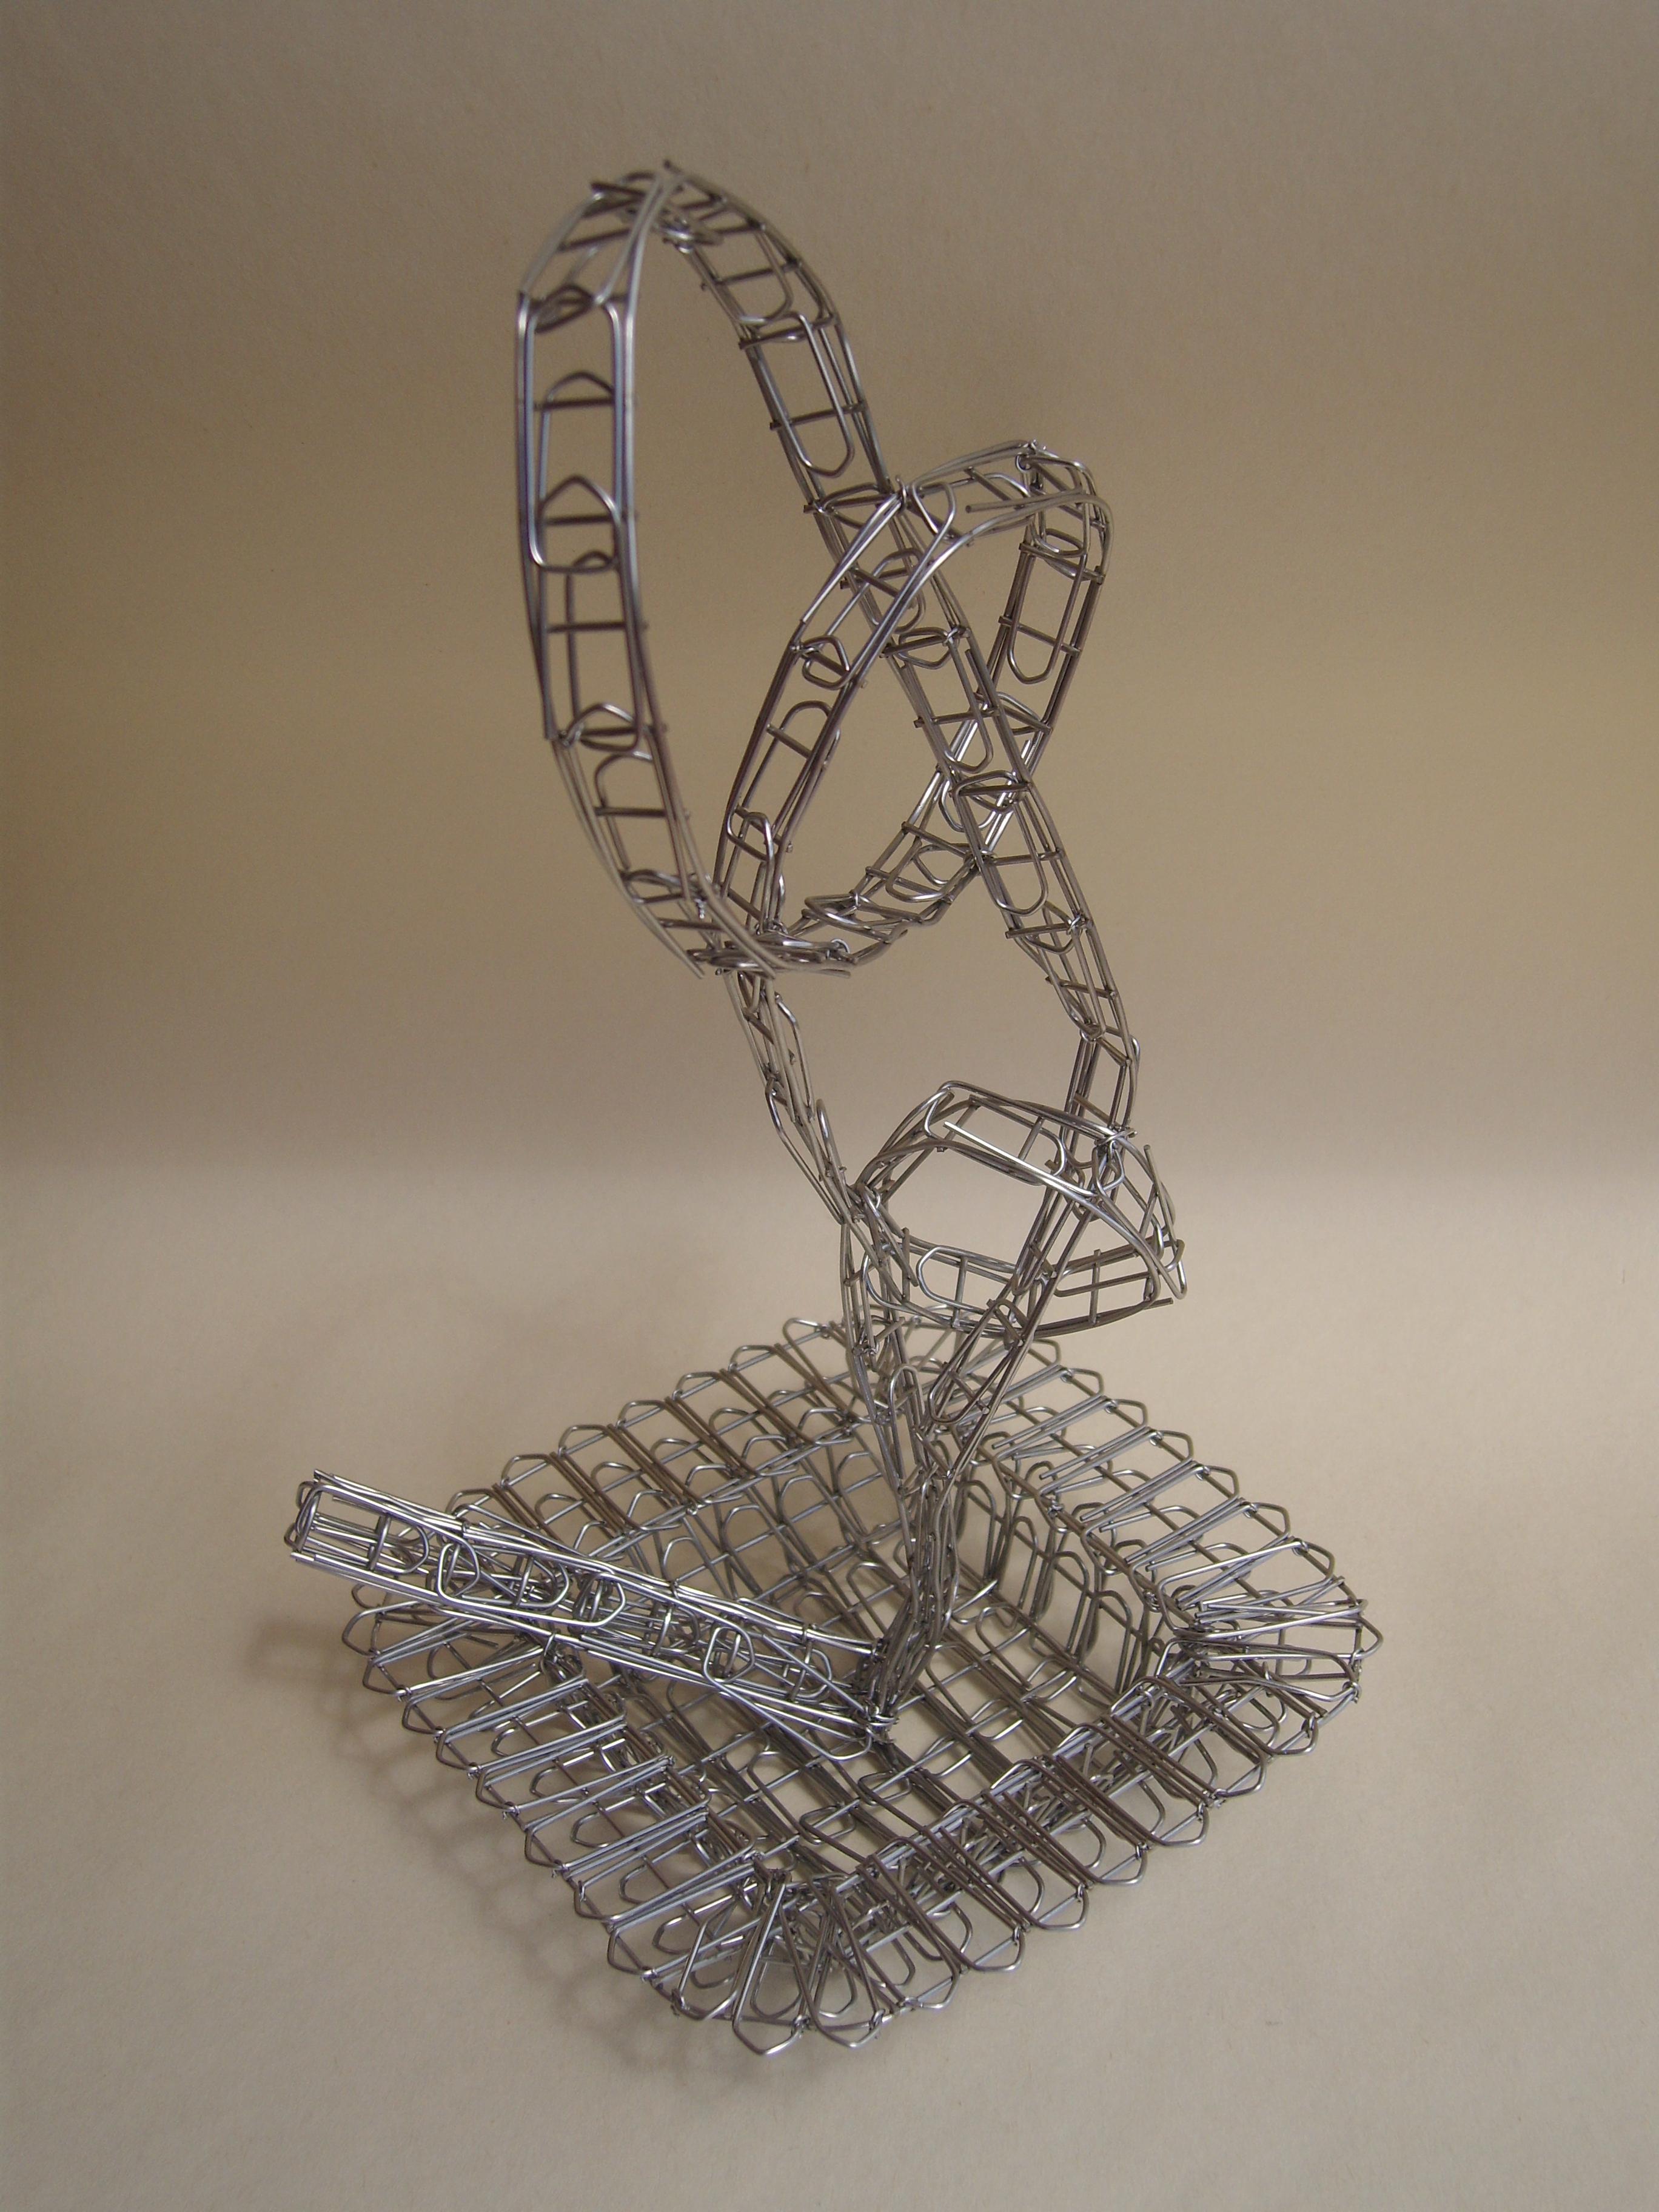 Pietro D'Angelo, L'ultima sigaretta/The last cigarette, 2013, assemblaggio, rete acciaio e graffette in acciaio, cm. 30 x 15 x 15